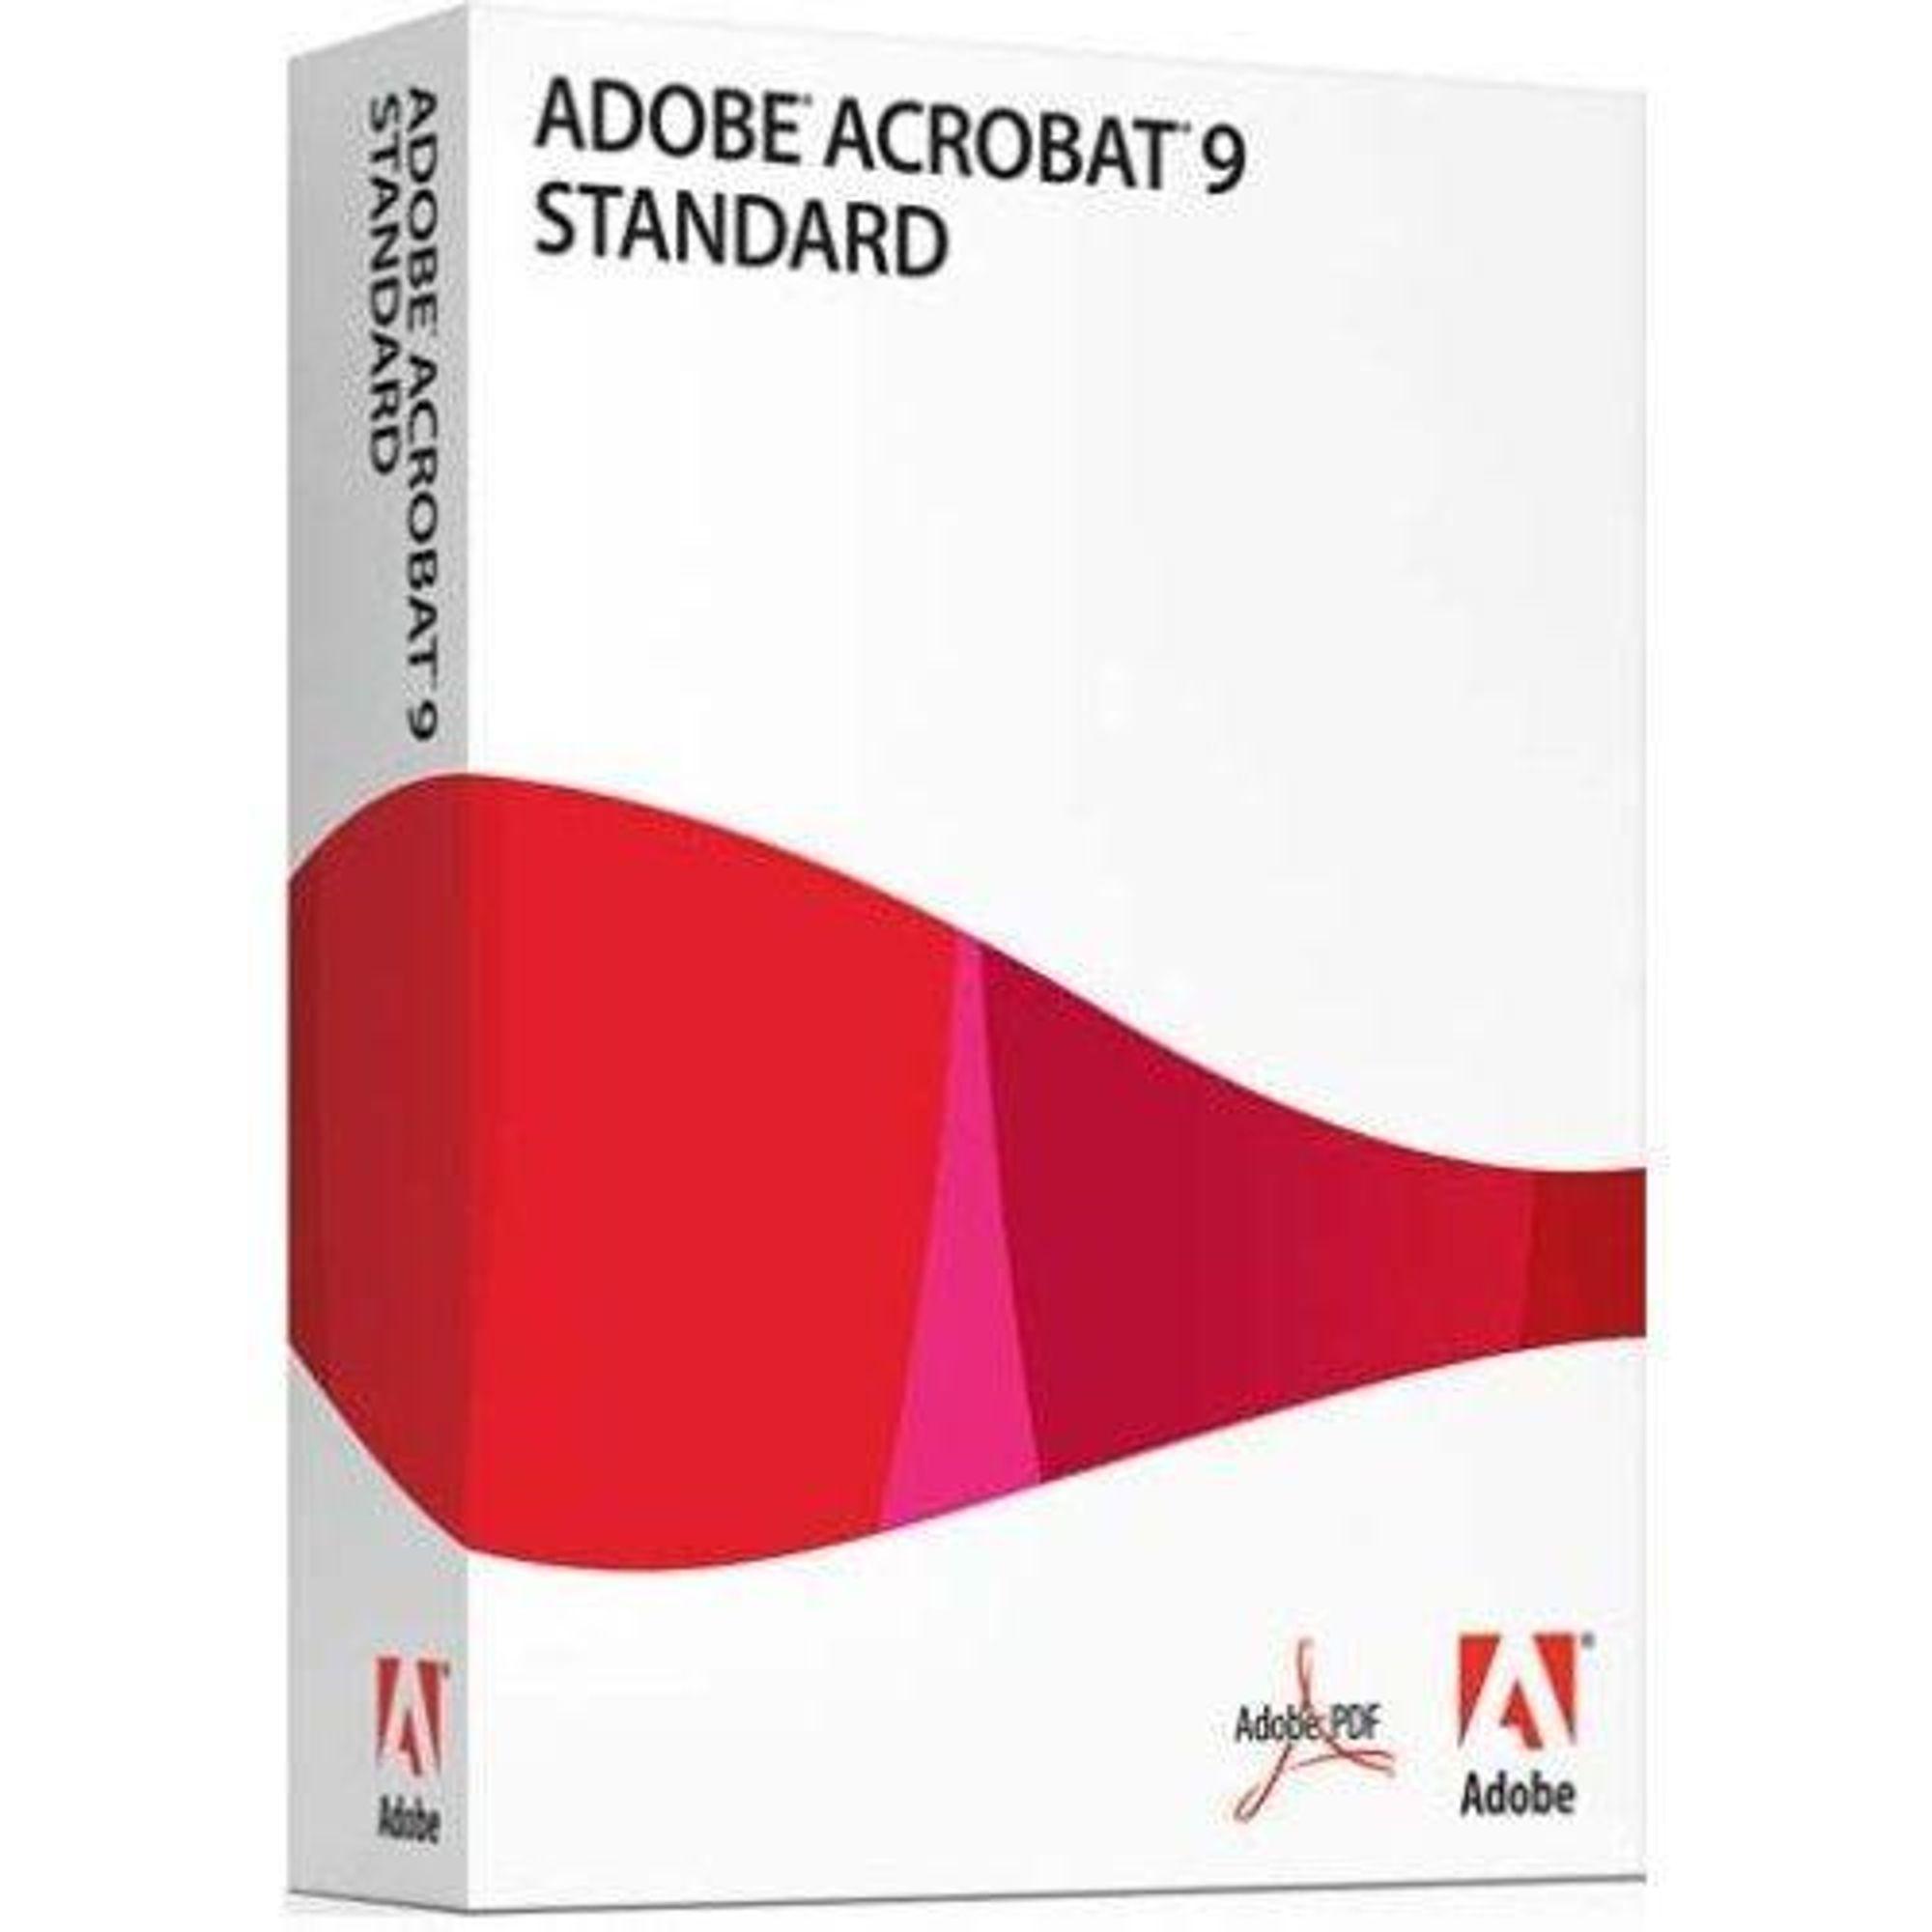 Adobe advarer mot kritisk feil